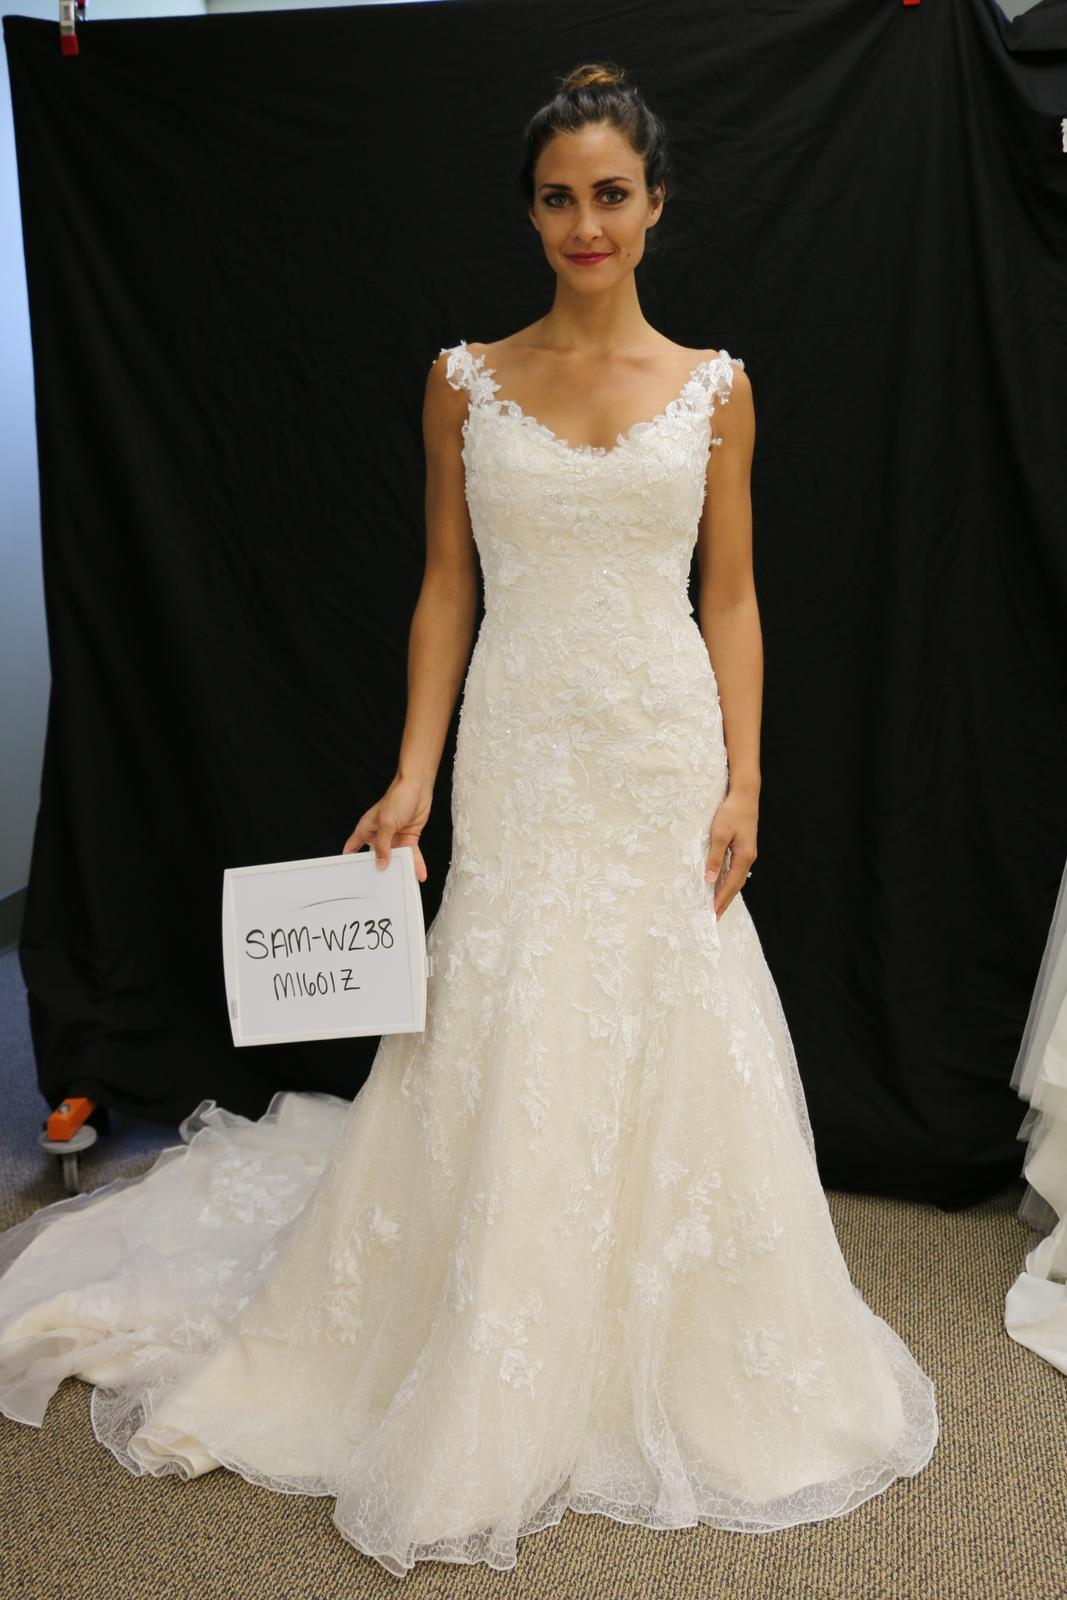 Svatební šaty Mia Solano M1601Z - Obrázek č. 4